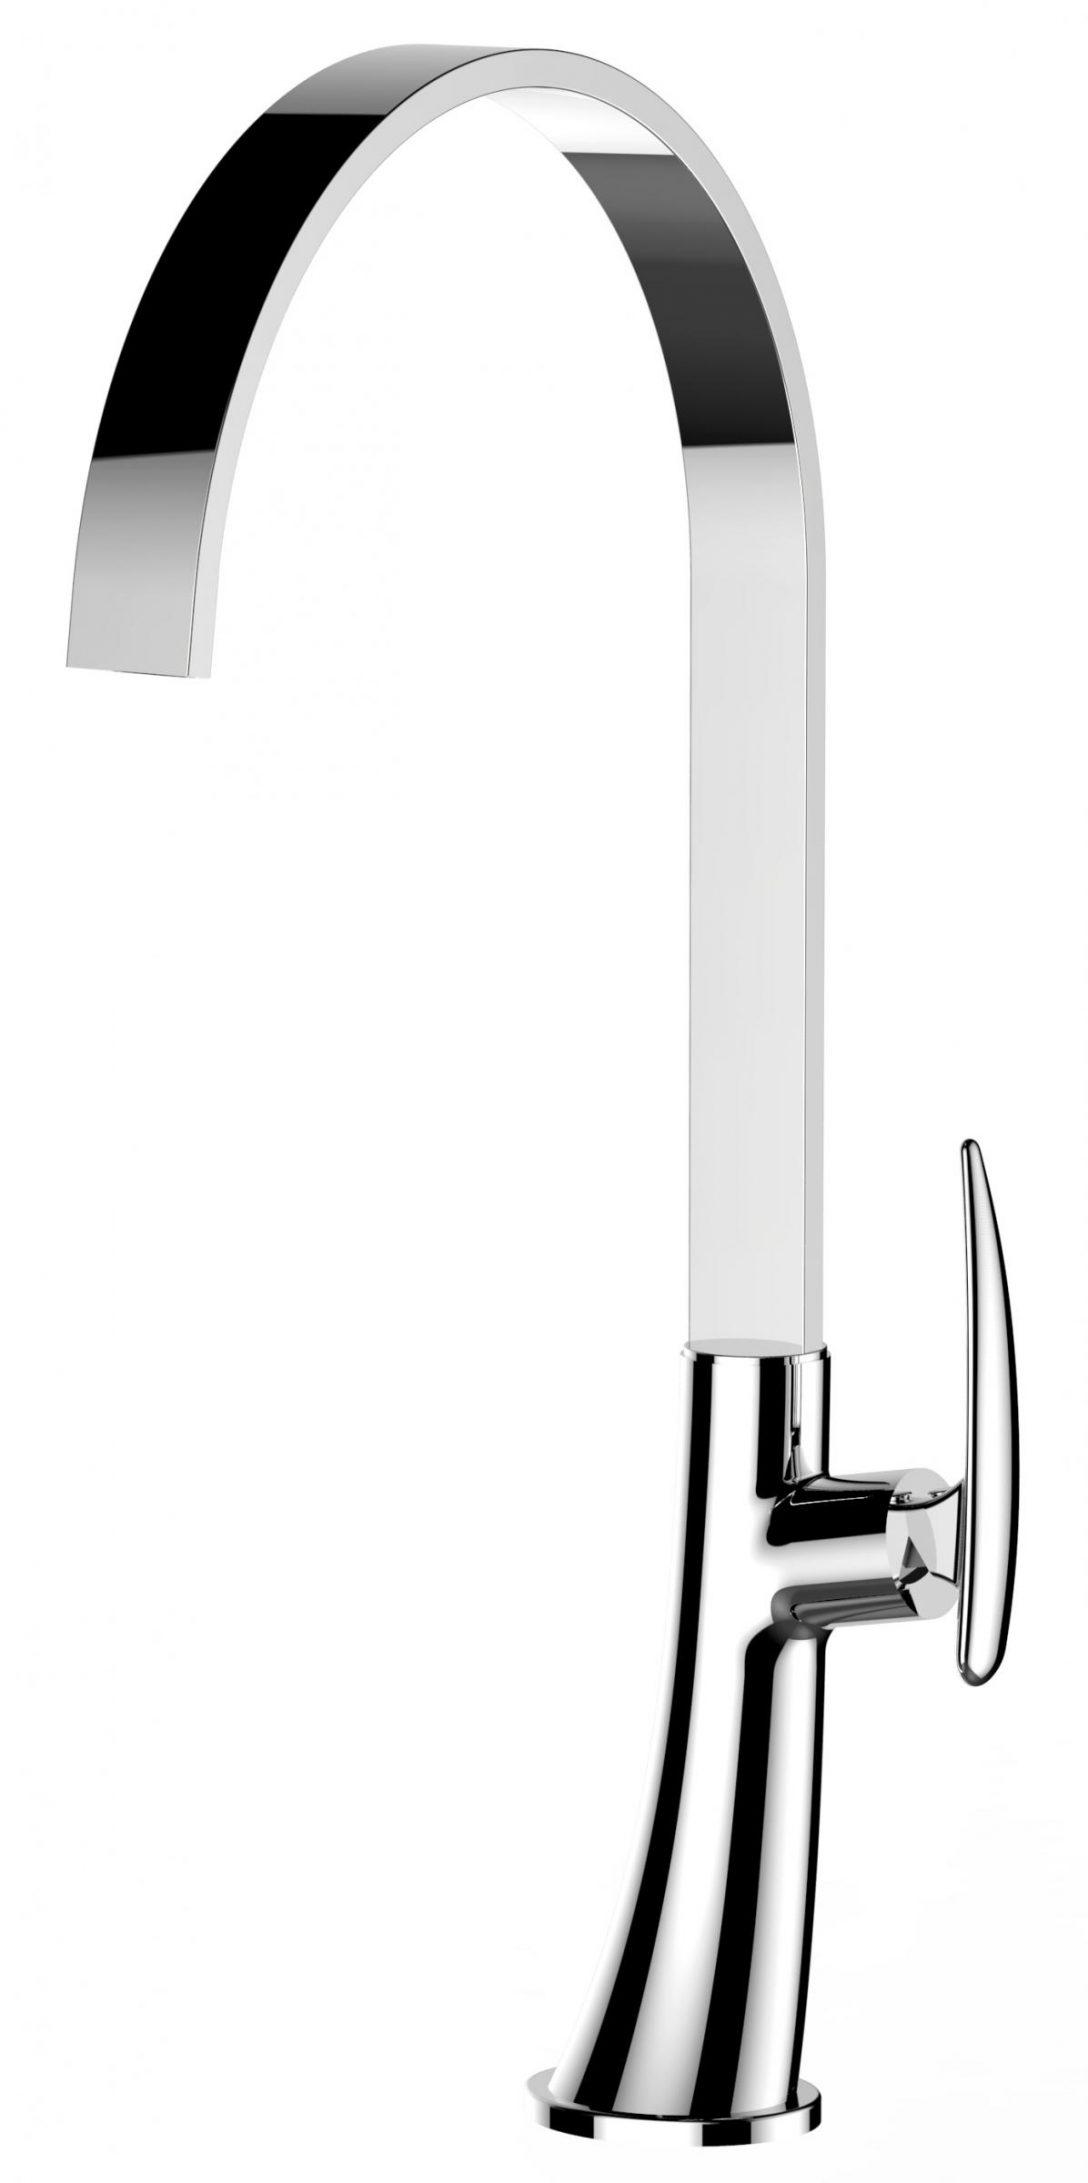 Large Size of Wasserhahn Küche Brause Wasserhahn Küche Wechseln Youtube Wasserhahn Küche Pfeift Wasserhahn Küche Blanco Küche Wasserhahn Küche